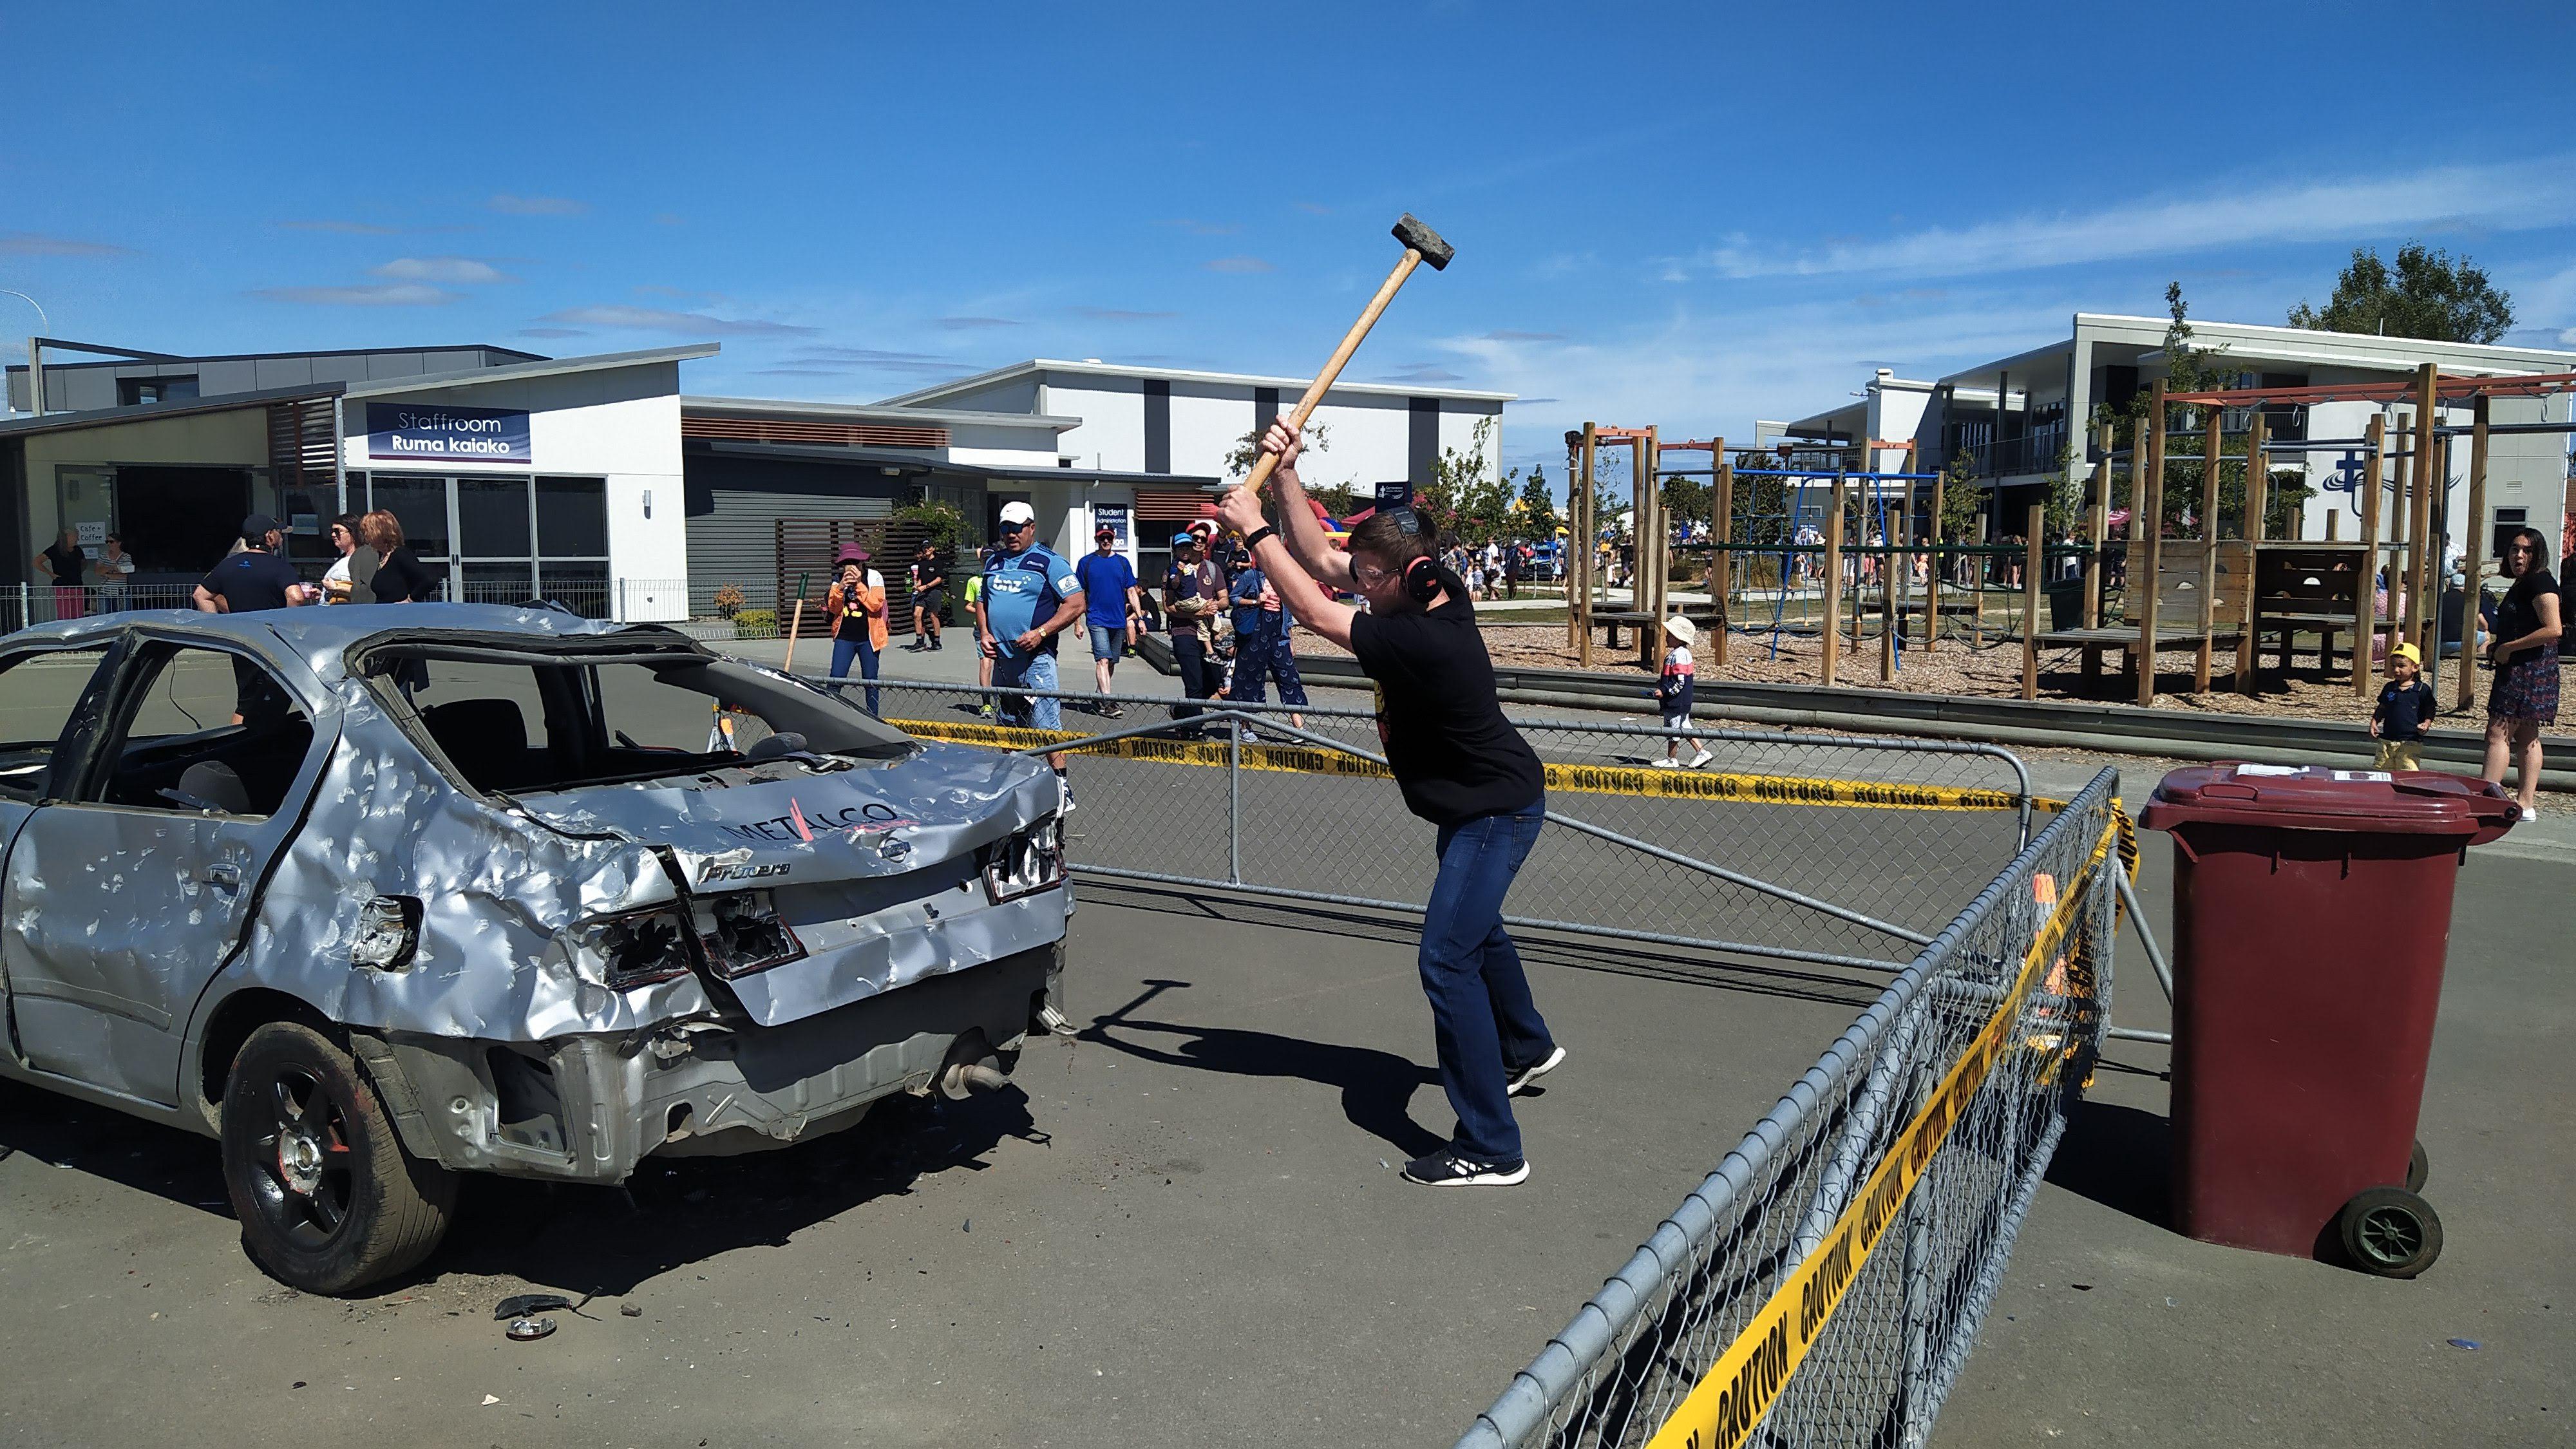 Jacob Smashes the car